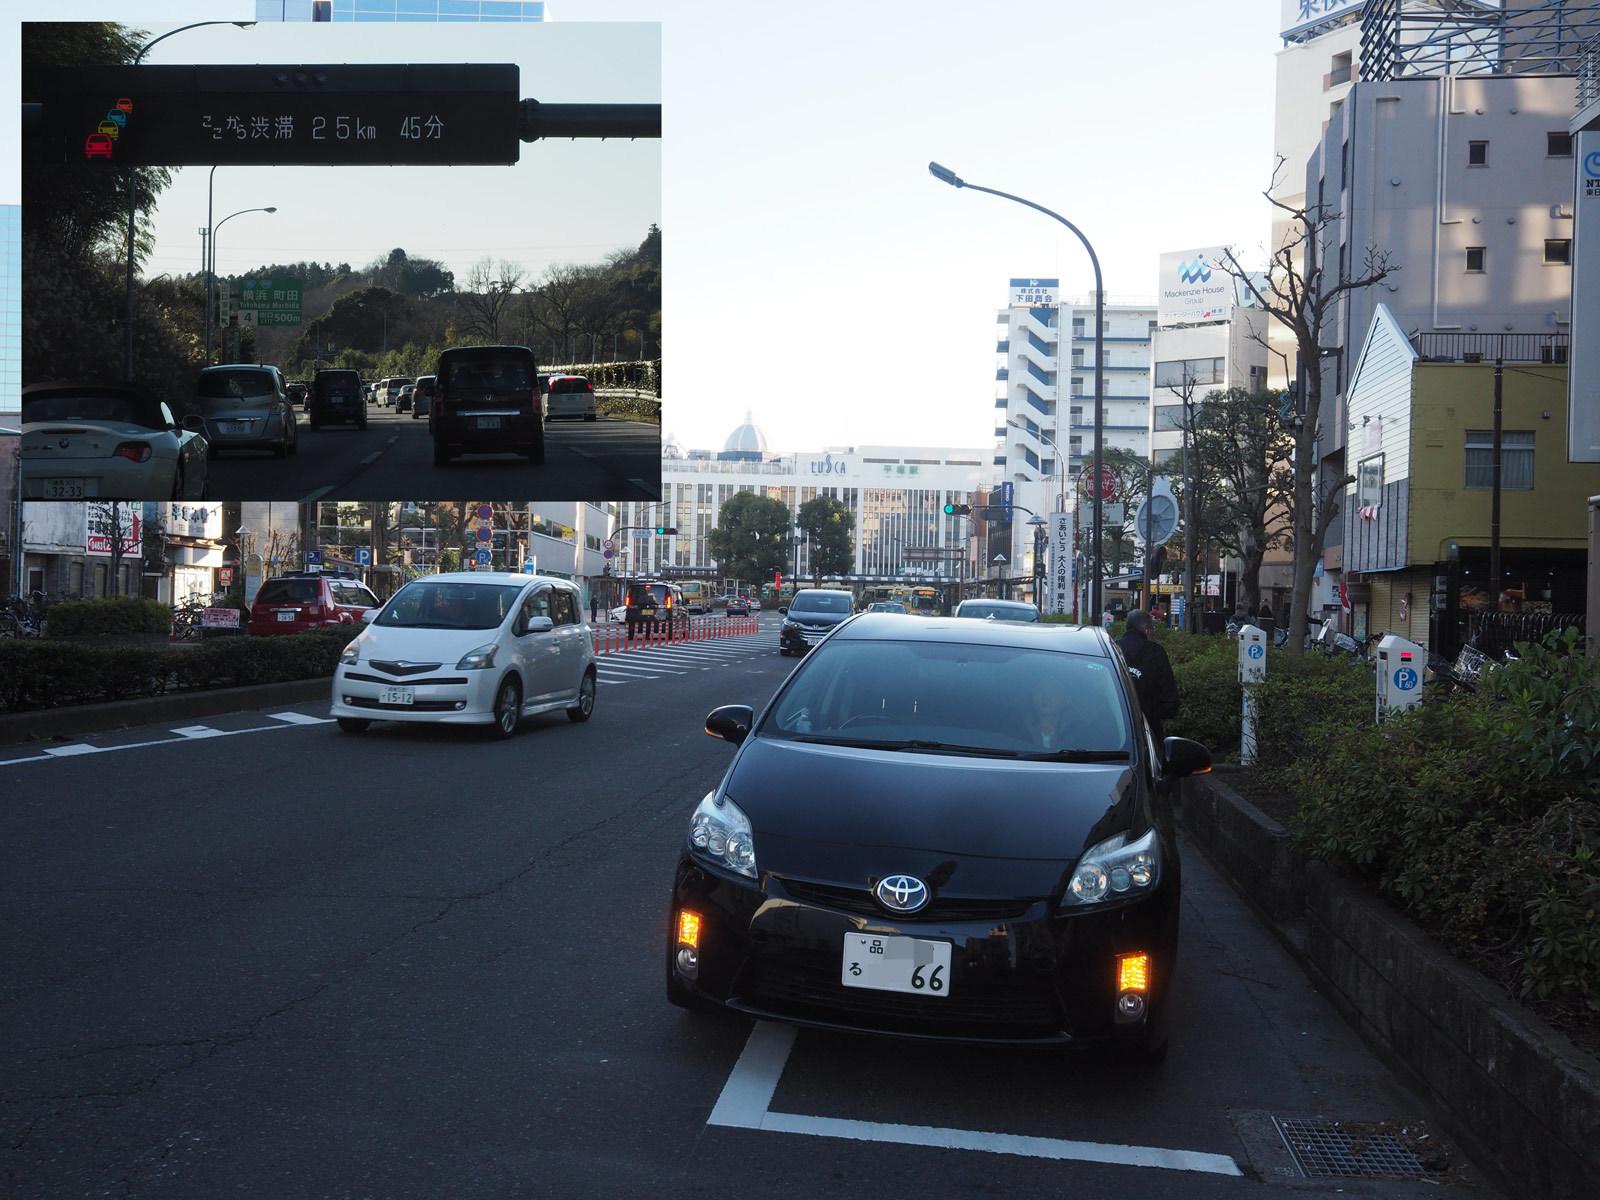 大晦日、平塚で泊まる_a0271402_16330990.jpg